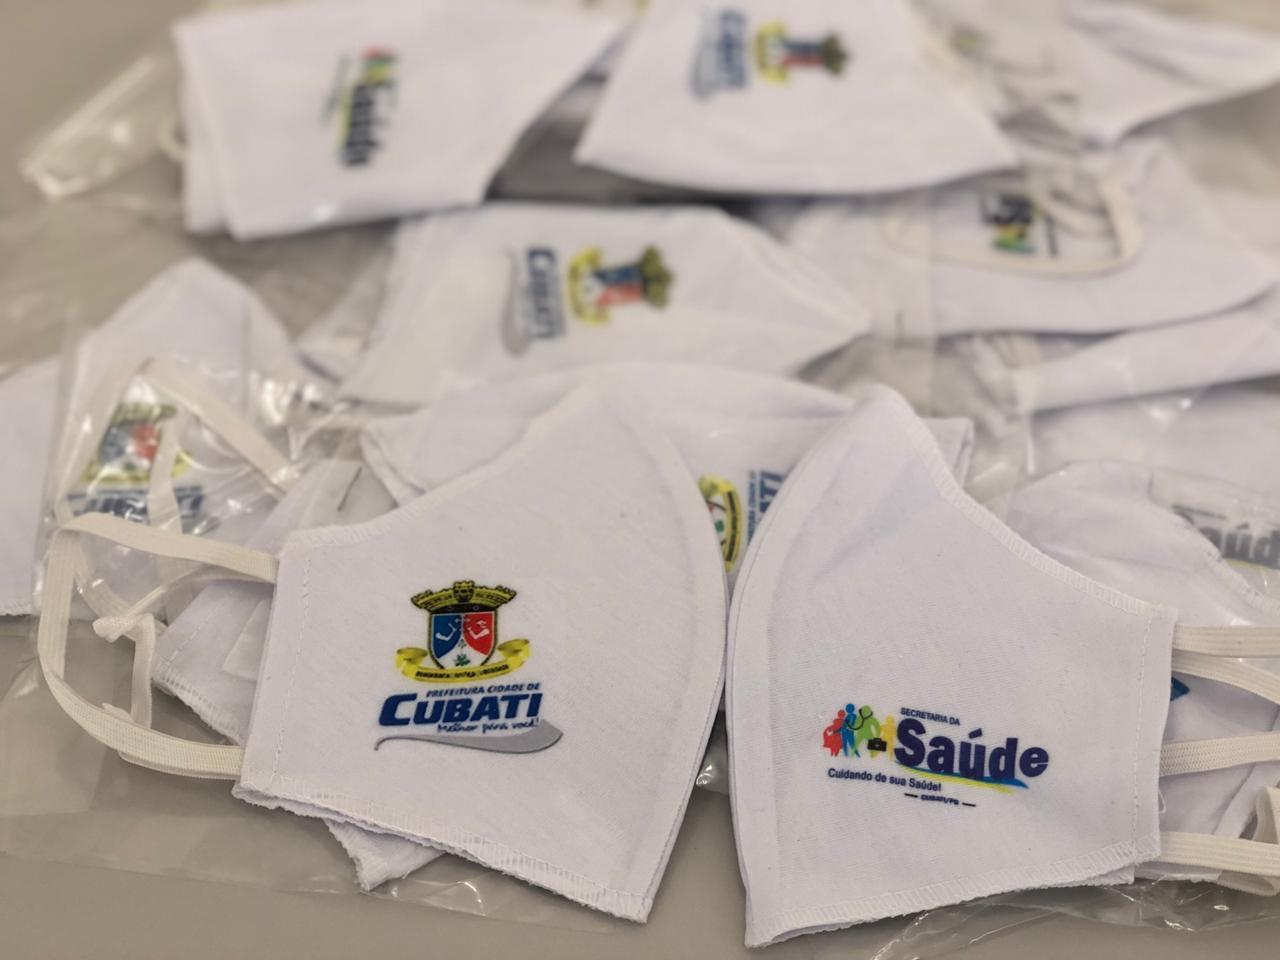 Covid-19: Prefeitura inicia a distribuição de máscaras gratuitas para a população de Cubati